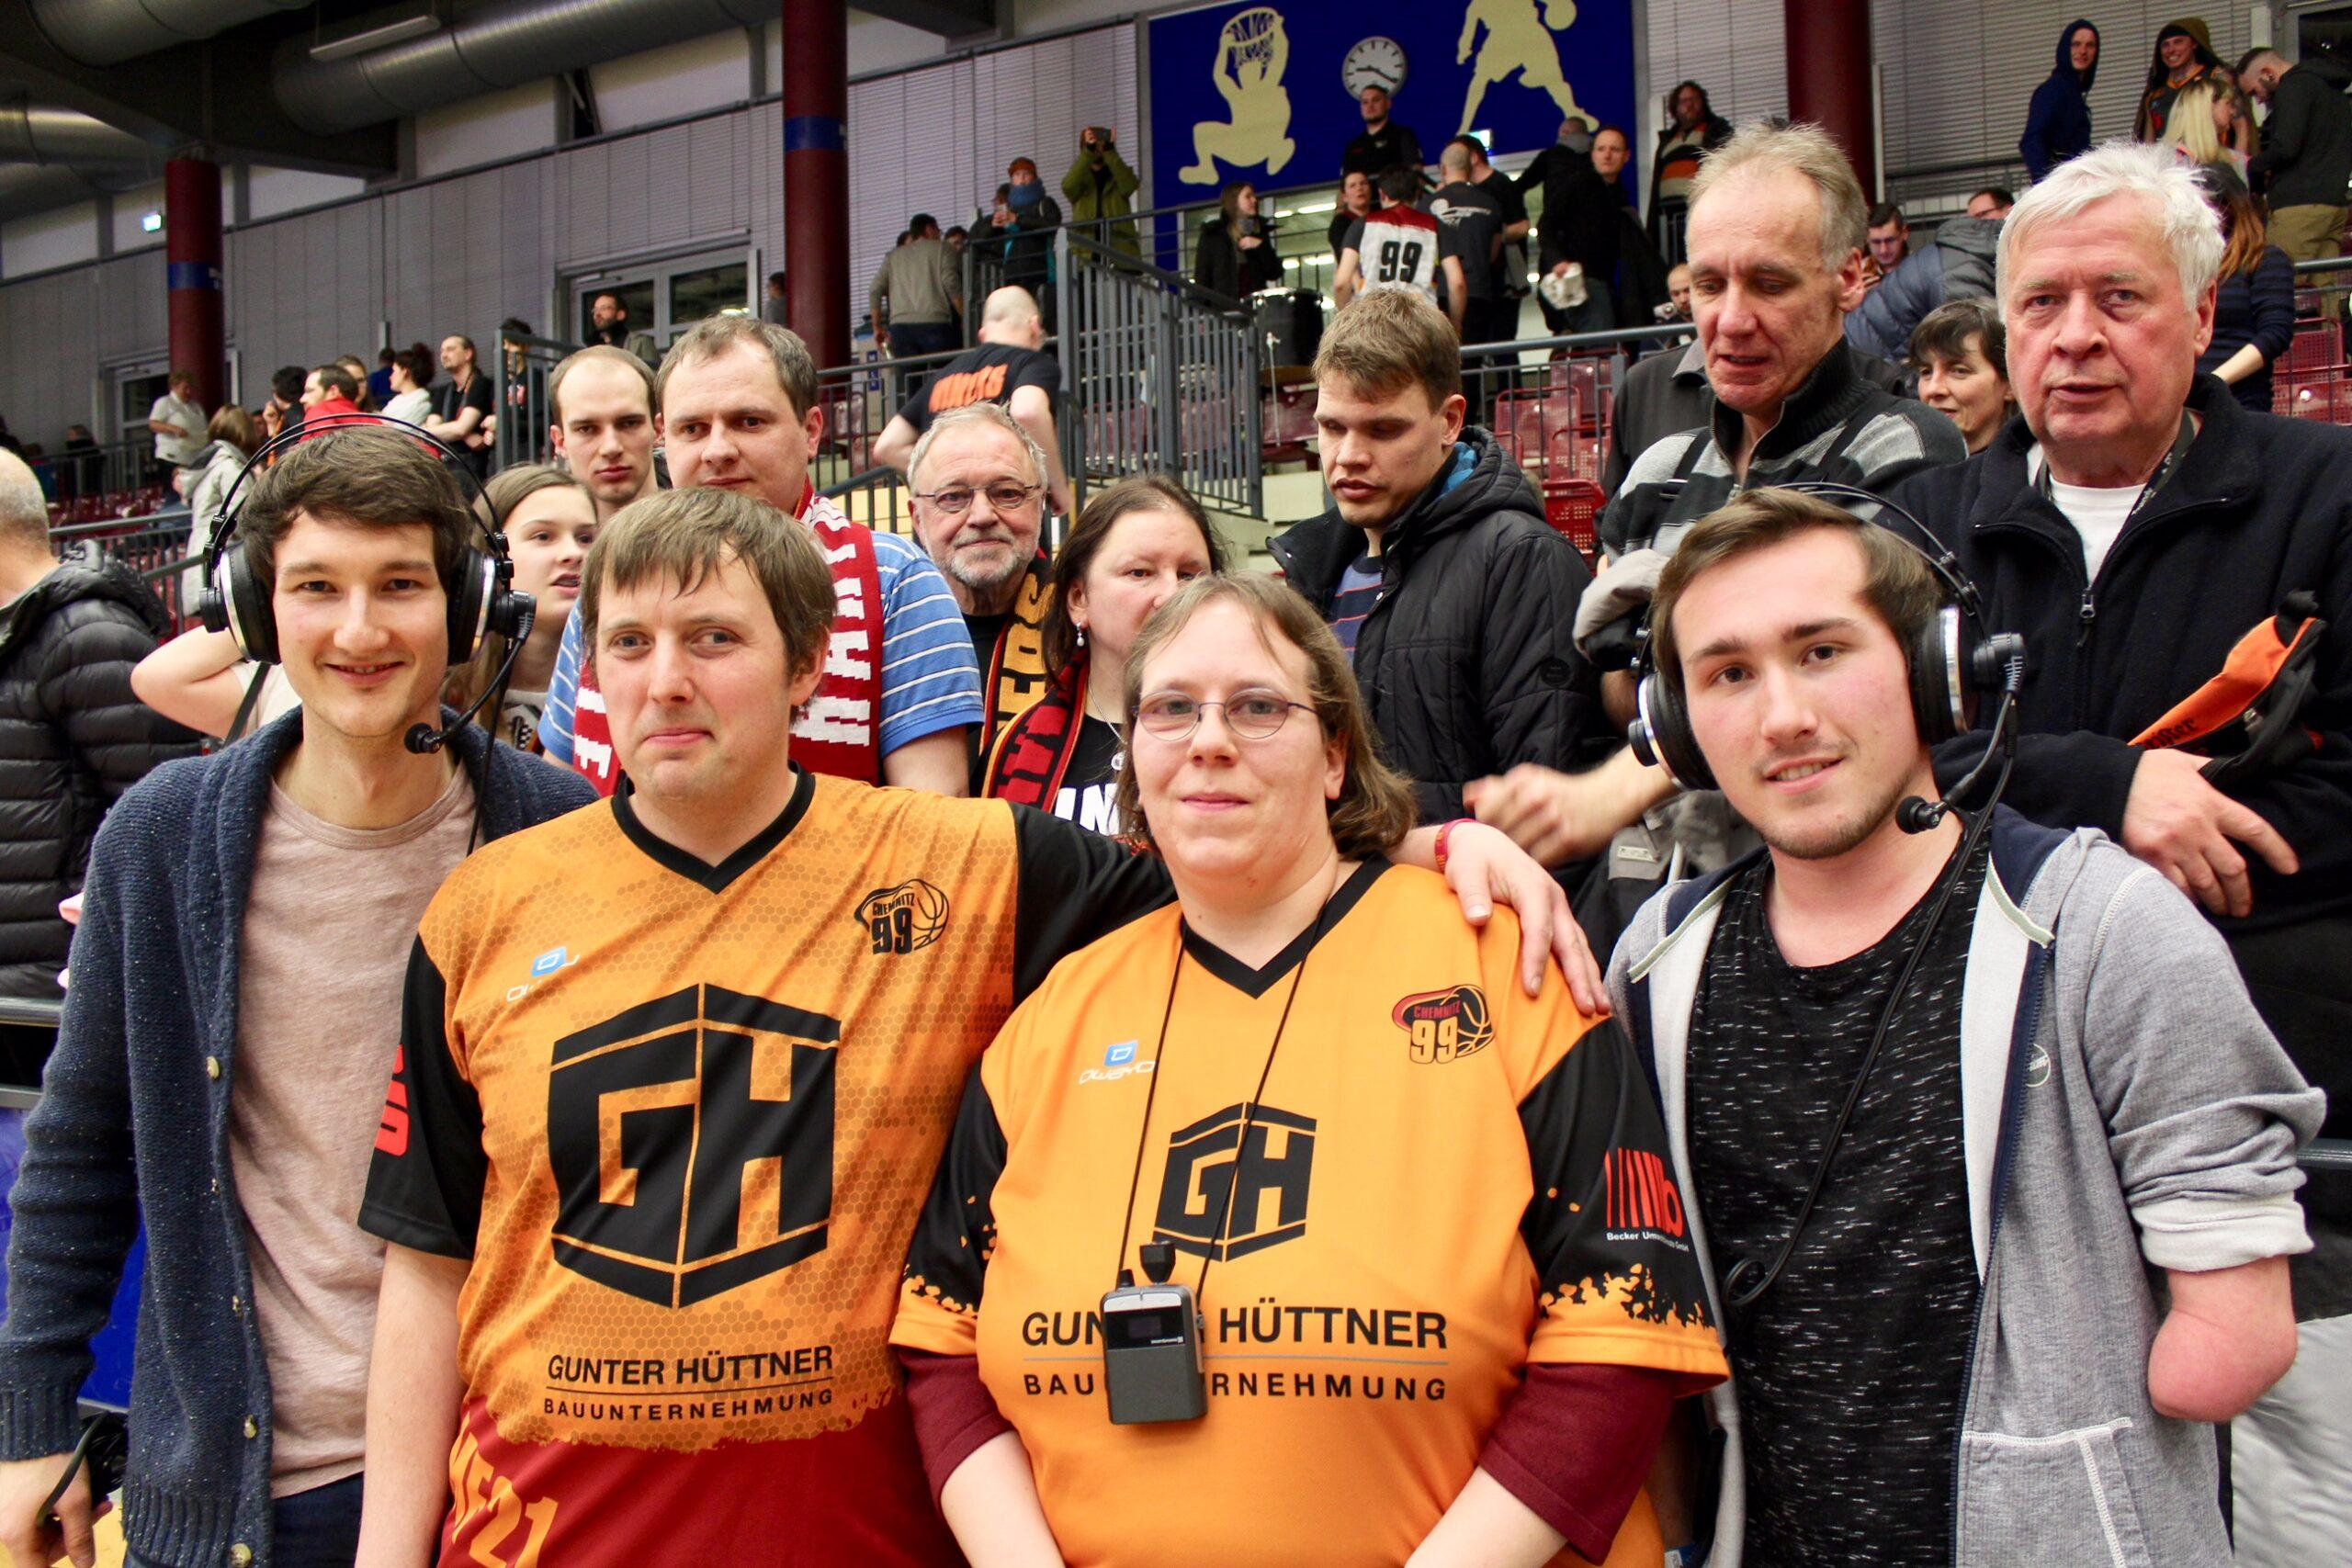 Audiodeskription NINERS Chemnitz: Die Reporter Florian Eib und Jari Schaller, beide mit einem Headset auf dem Kopf, stehen links und rechts neben den Basketballfans Jenifer und Stephan, die in ein orangefarbenes Trikot gekleidet sind. Alle vier grinsen in die Kamera, Foto: Cindy Haase.